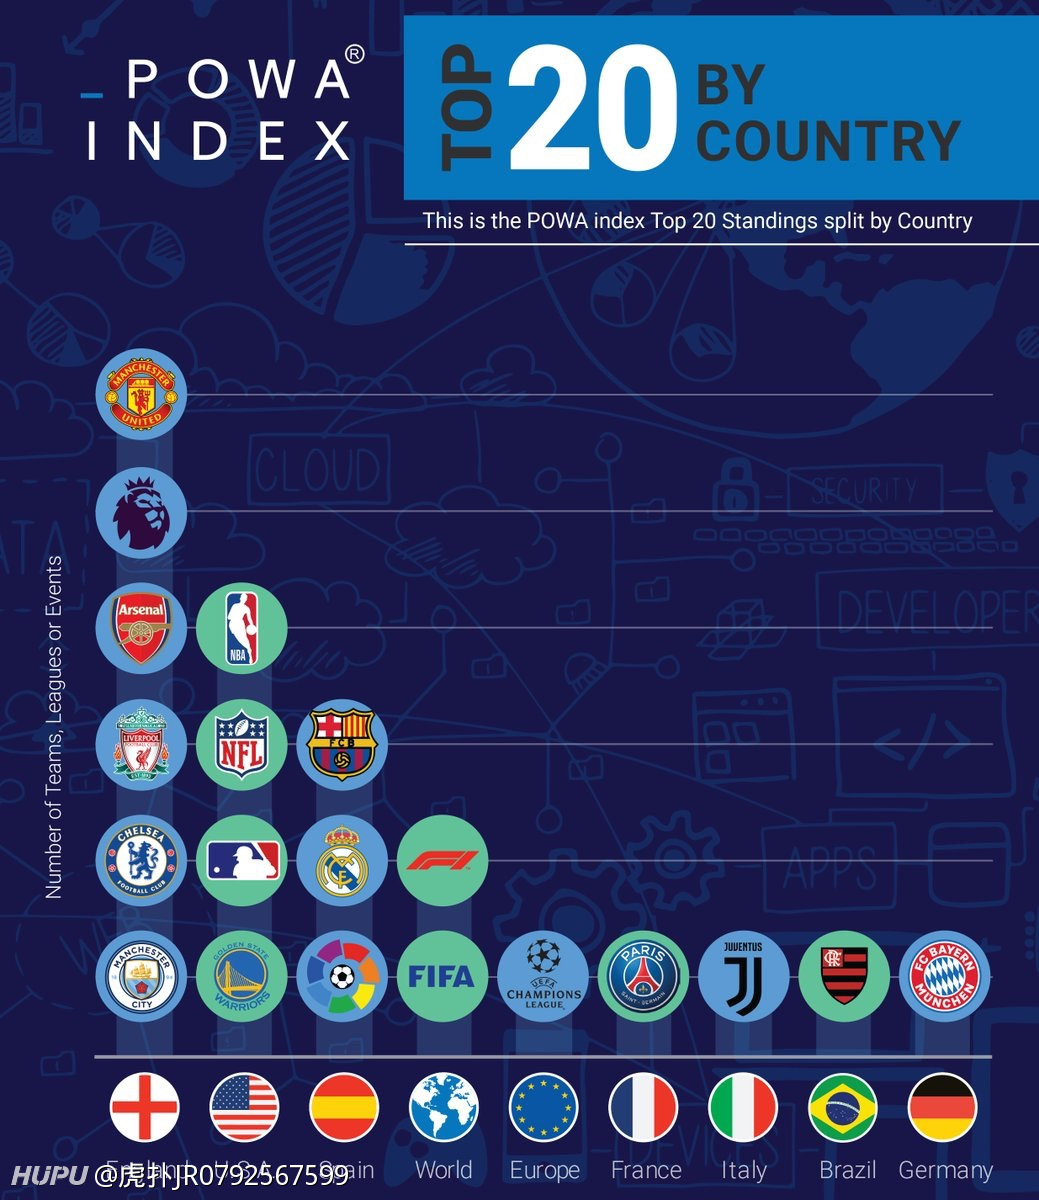 全球市场价值最高的20个体育赛事和俱乐部品牌分布,足球占了15个  足球话题区